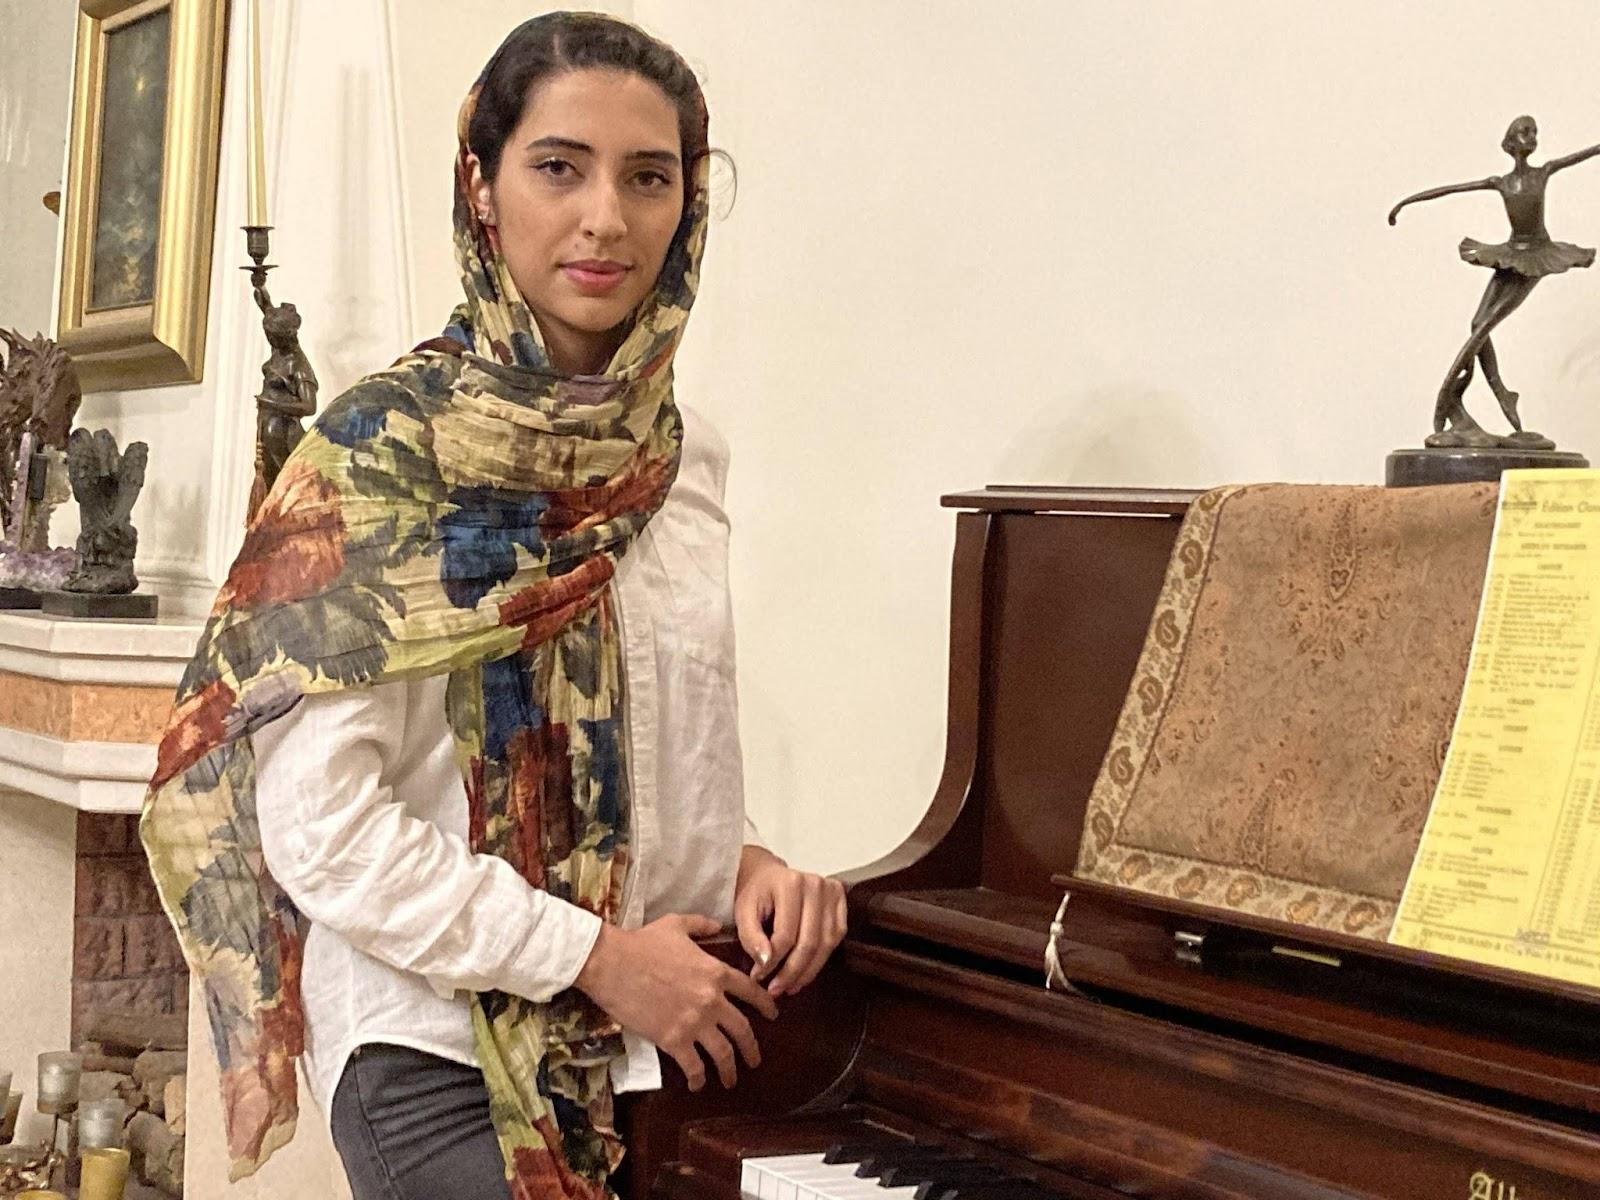 آناهیتا اردبیلی مدرس پیانو ایرانی و کلاسیک